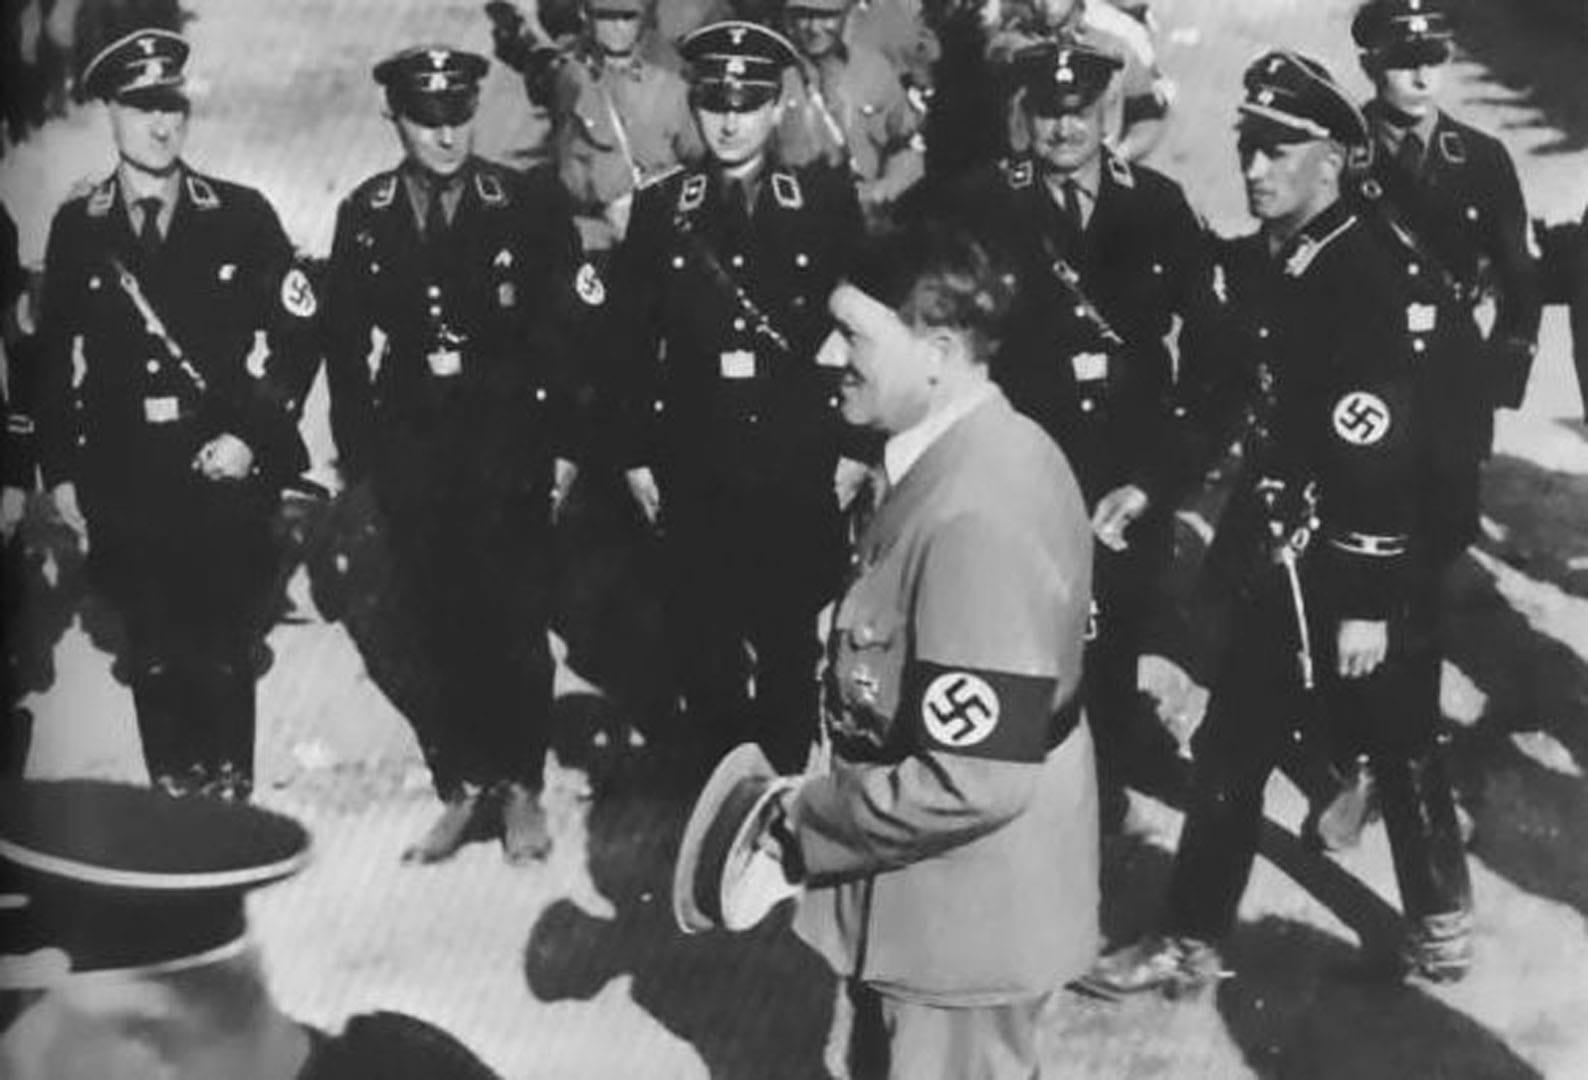 Защитники крепости срывали планы фюрера посетить крепость в июле 1944 года